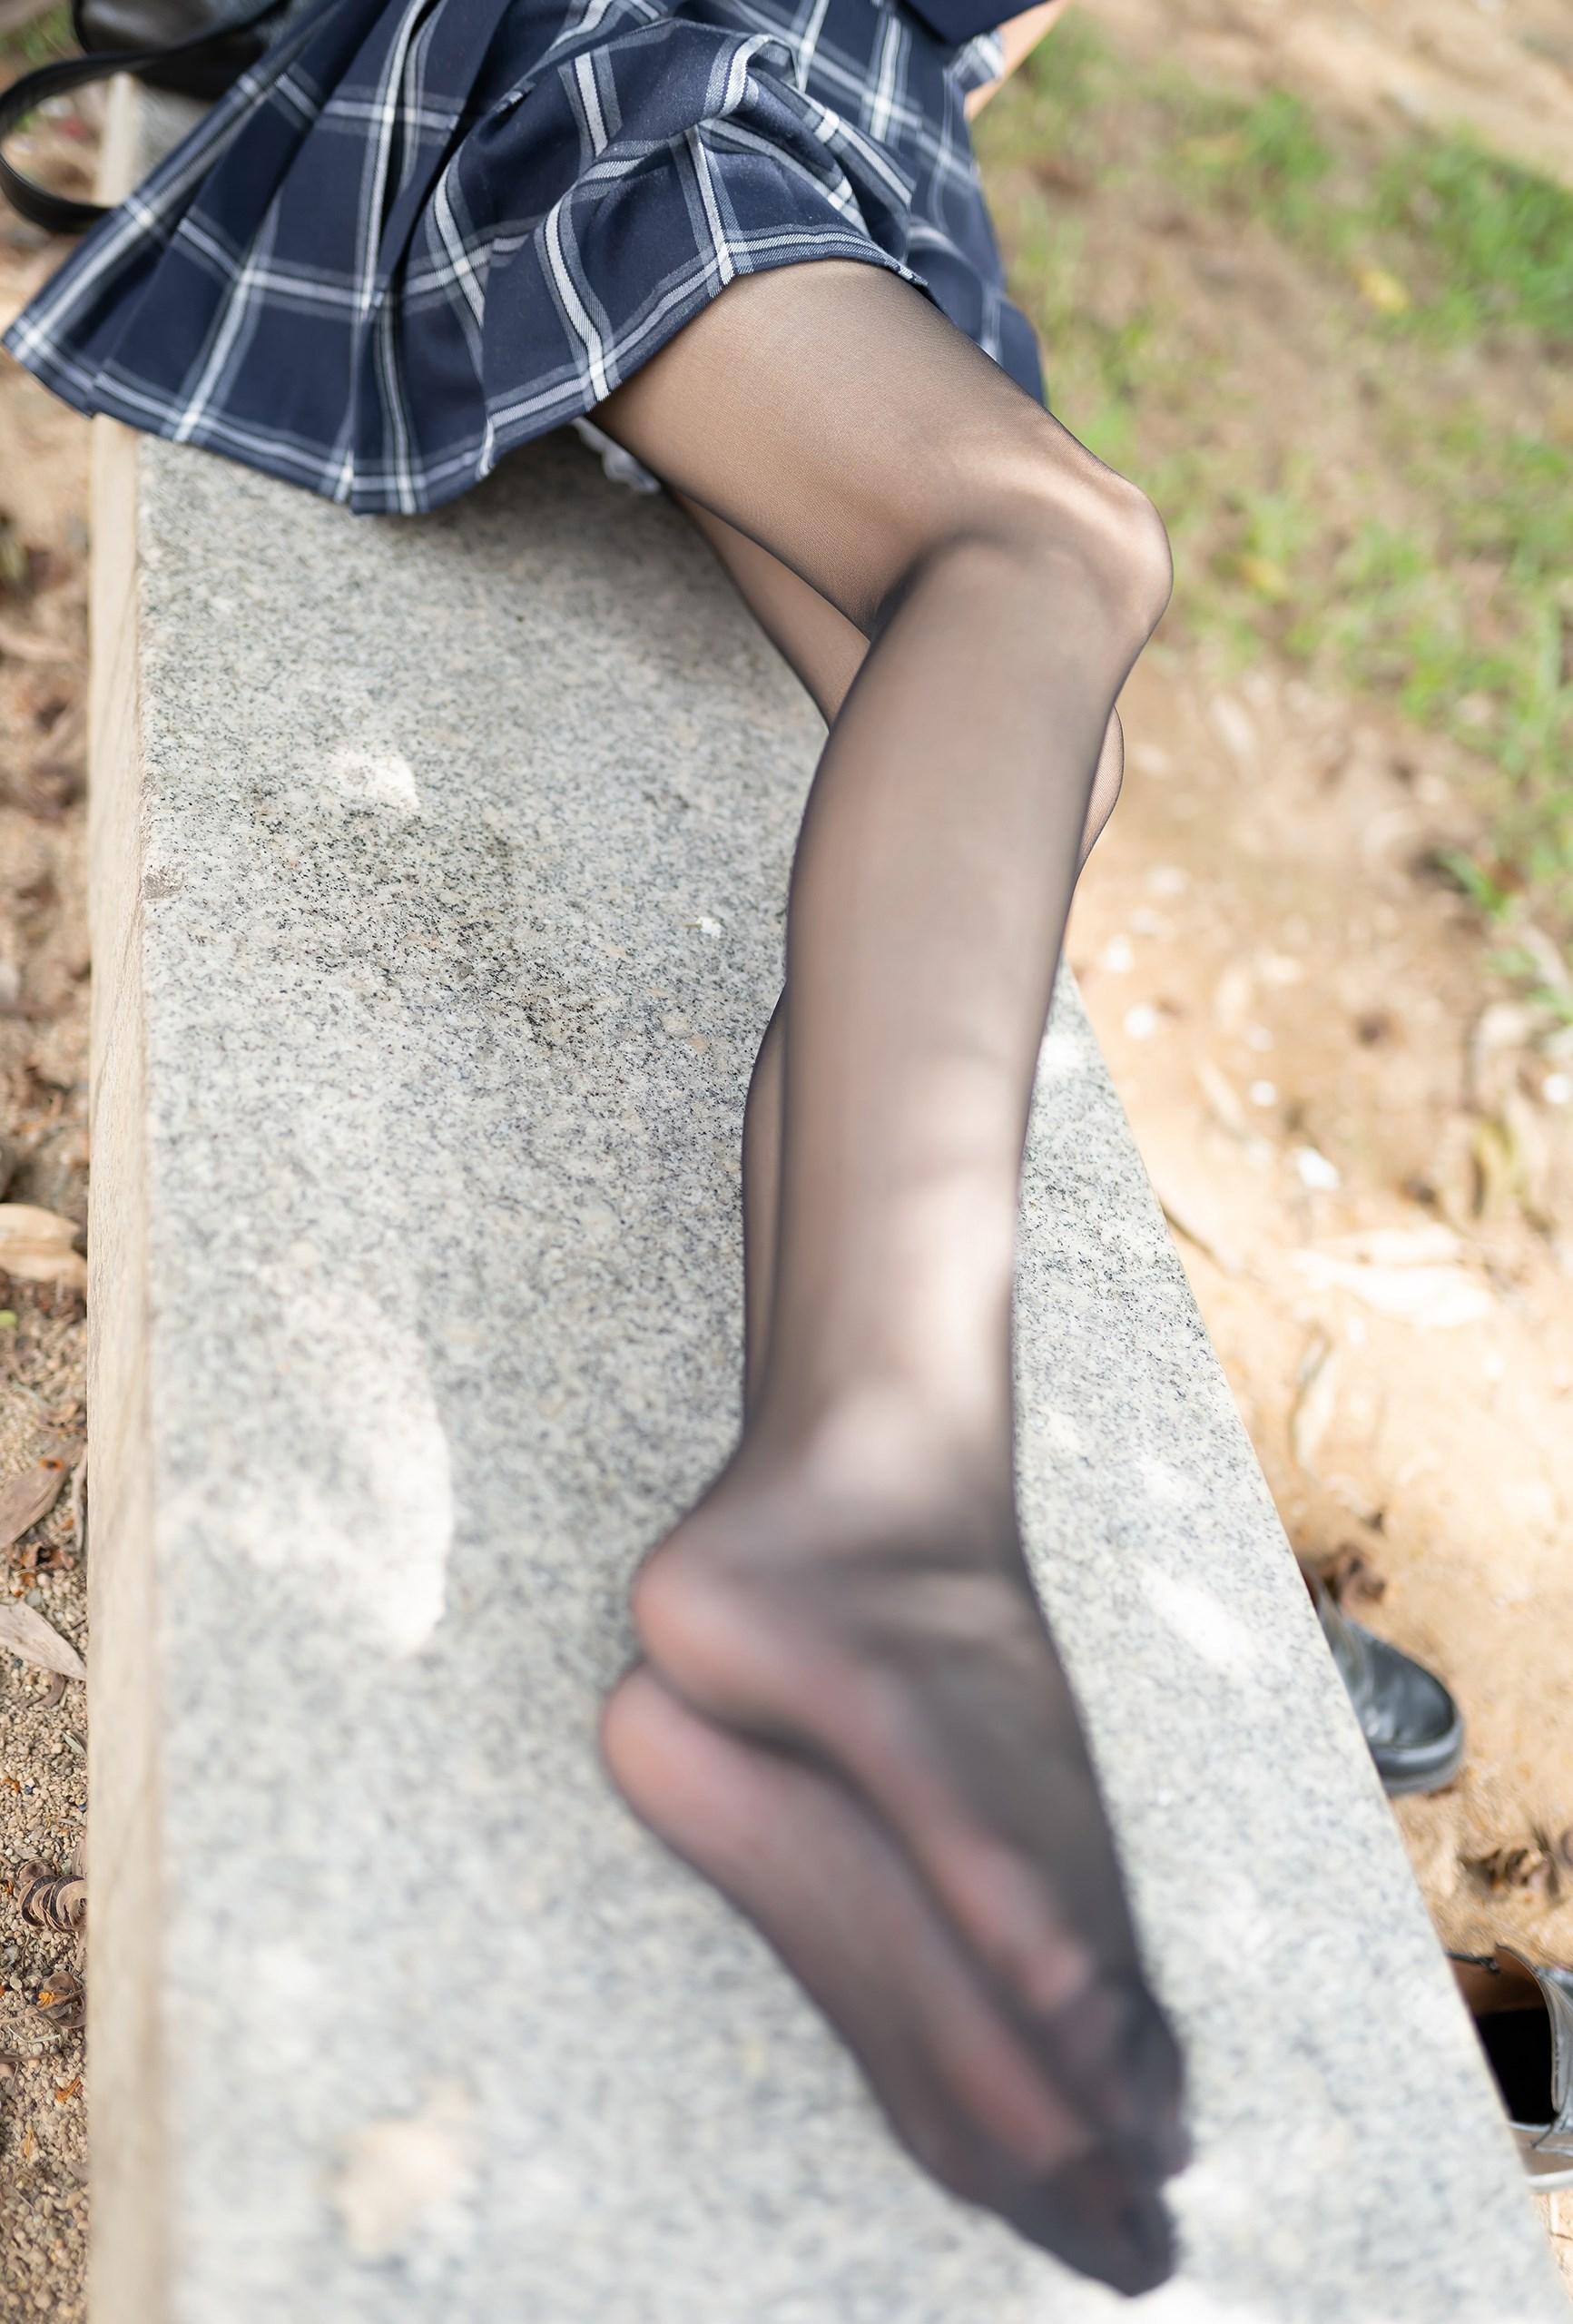 【兔玩映画】格裙黑丝 兔玩映画 第39张